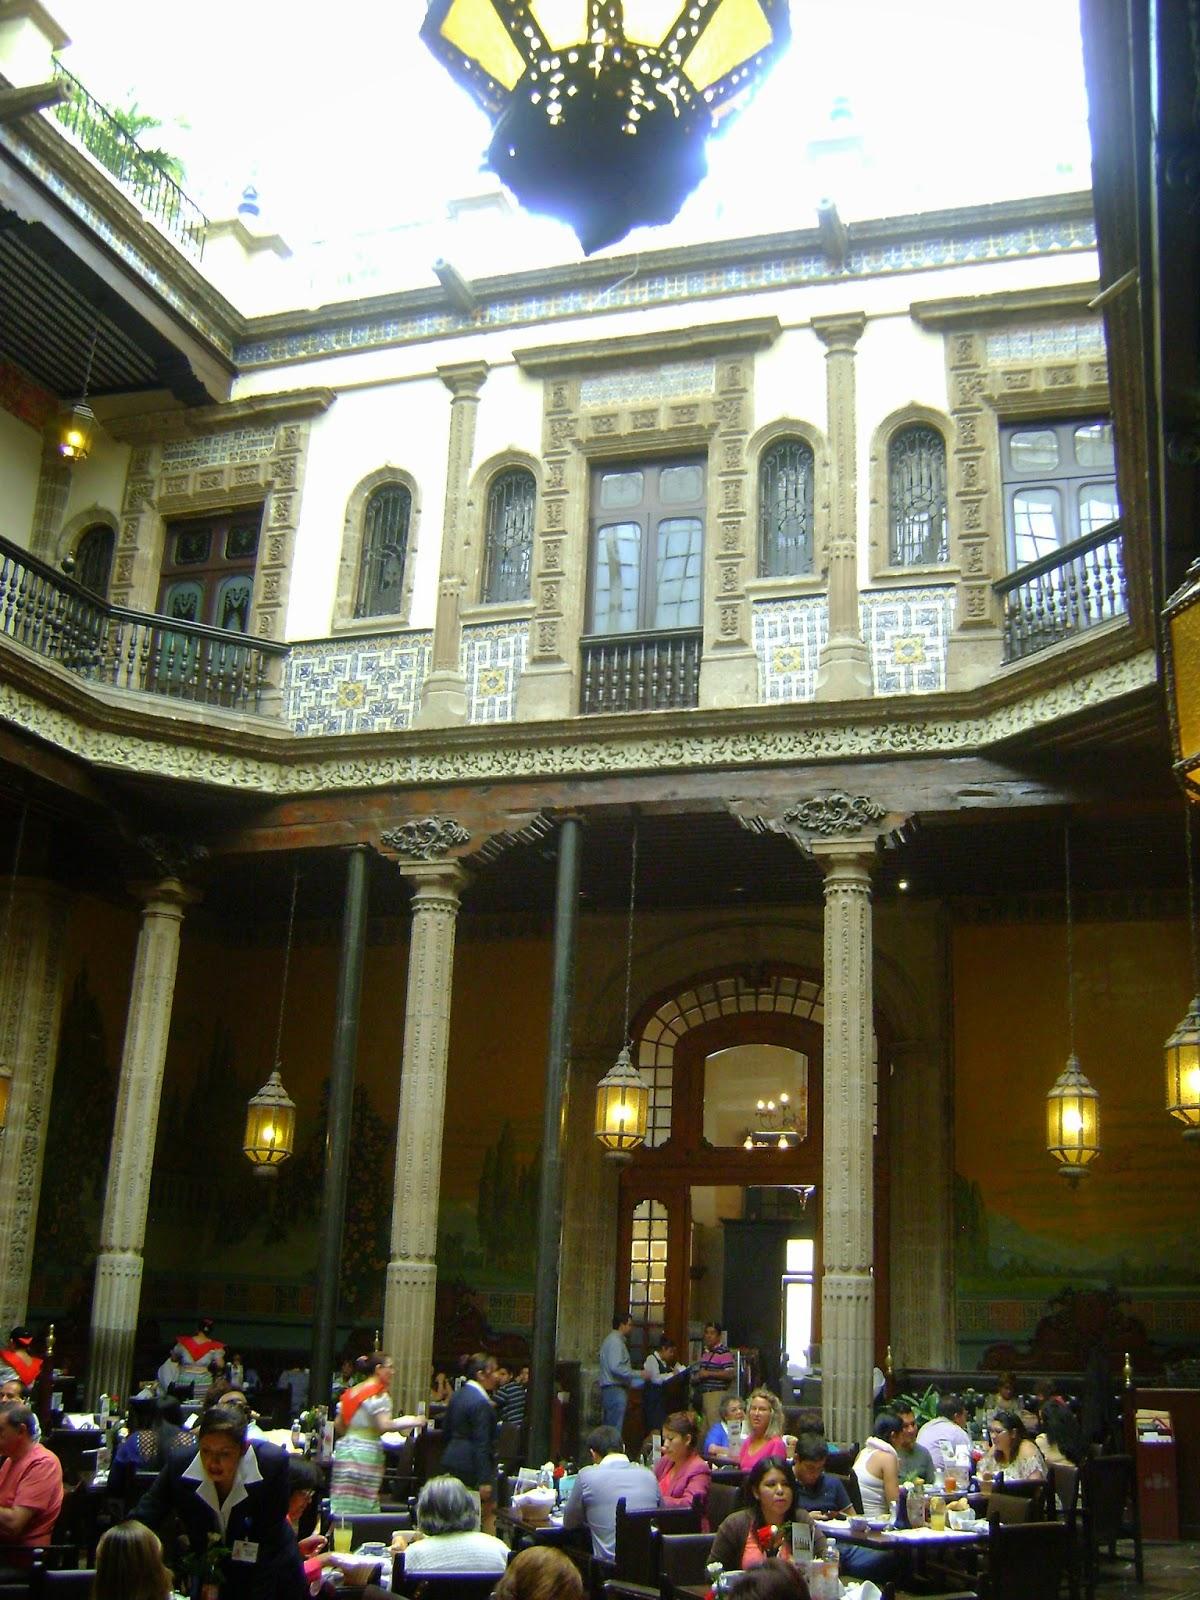 Diarios de viaje odv y rcl palacio de los azulejos for Patio de los azulejos